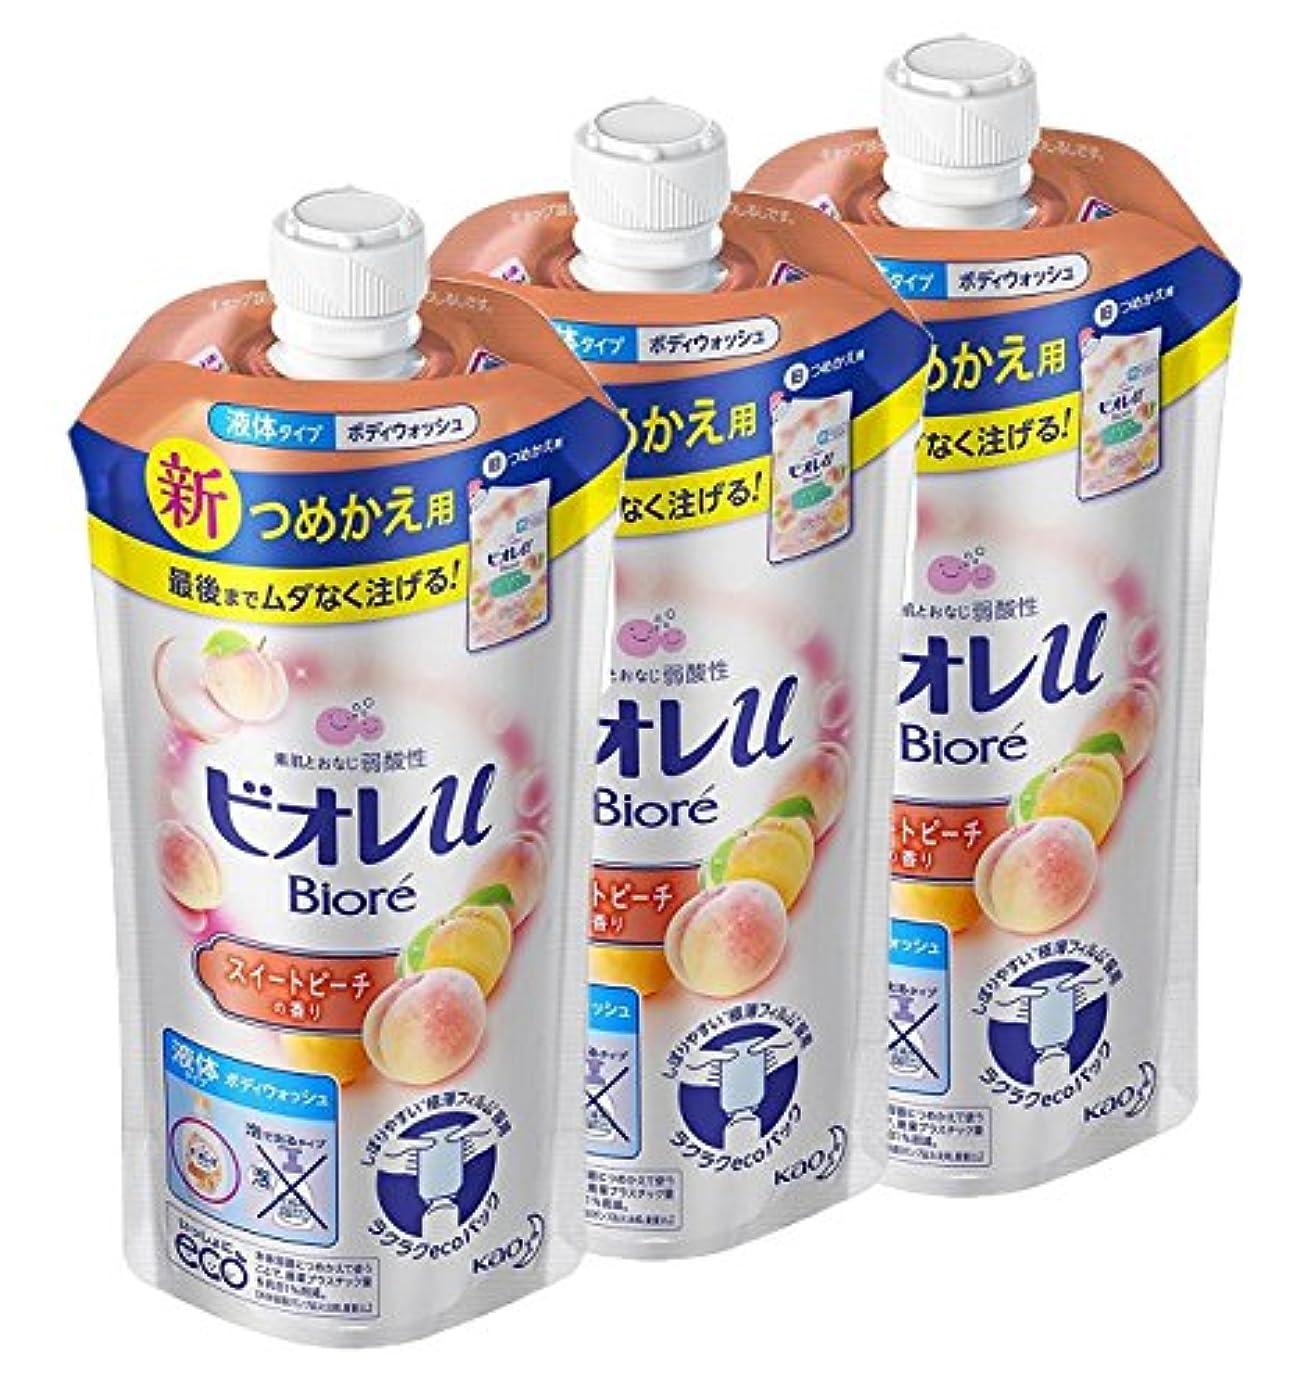 基礎肌欠陥【まとめ買い】ビオレu スイートピーチの香りつめかえ用 340ml × 3個